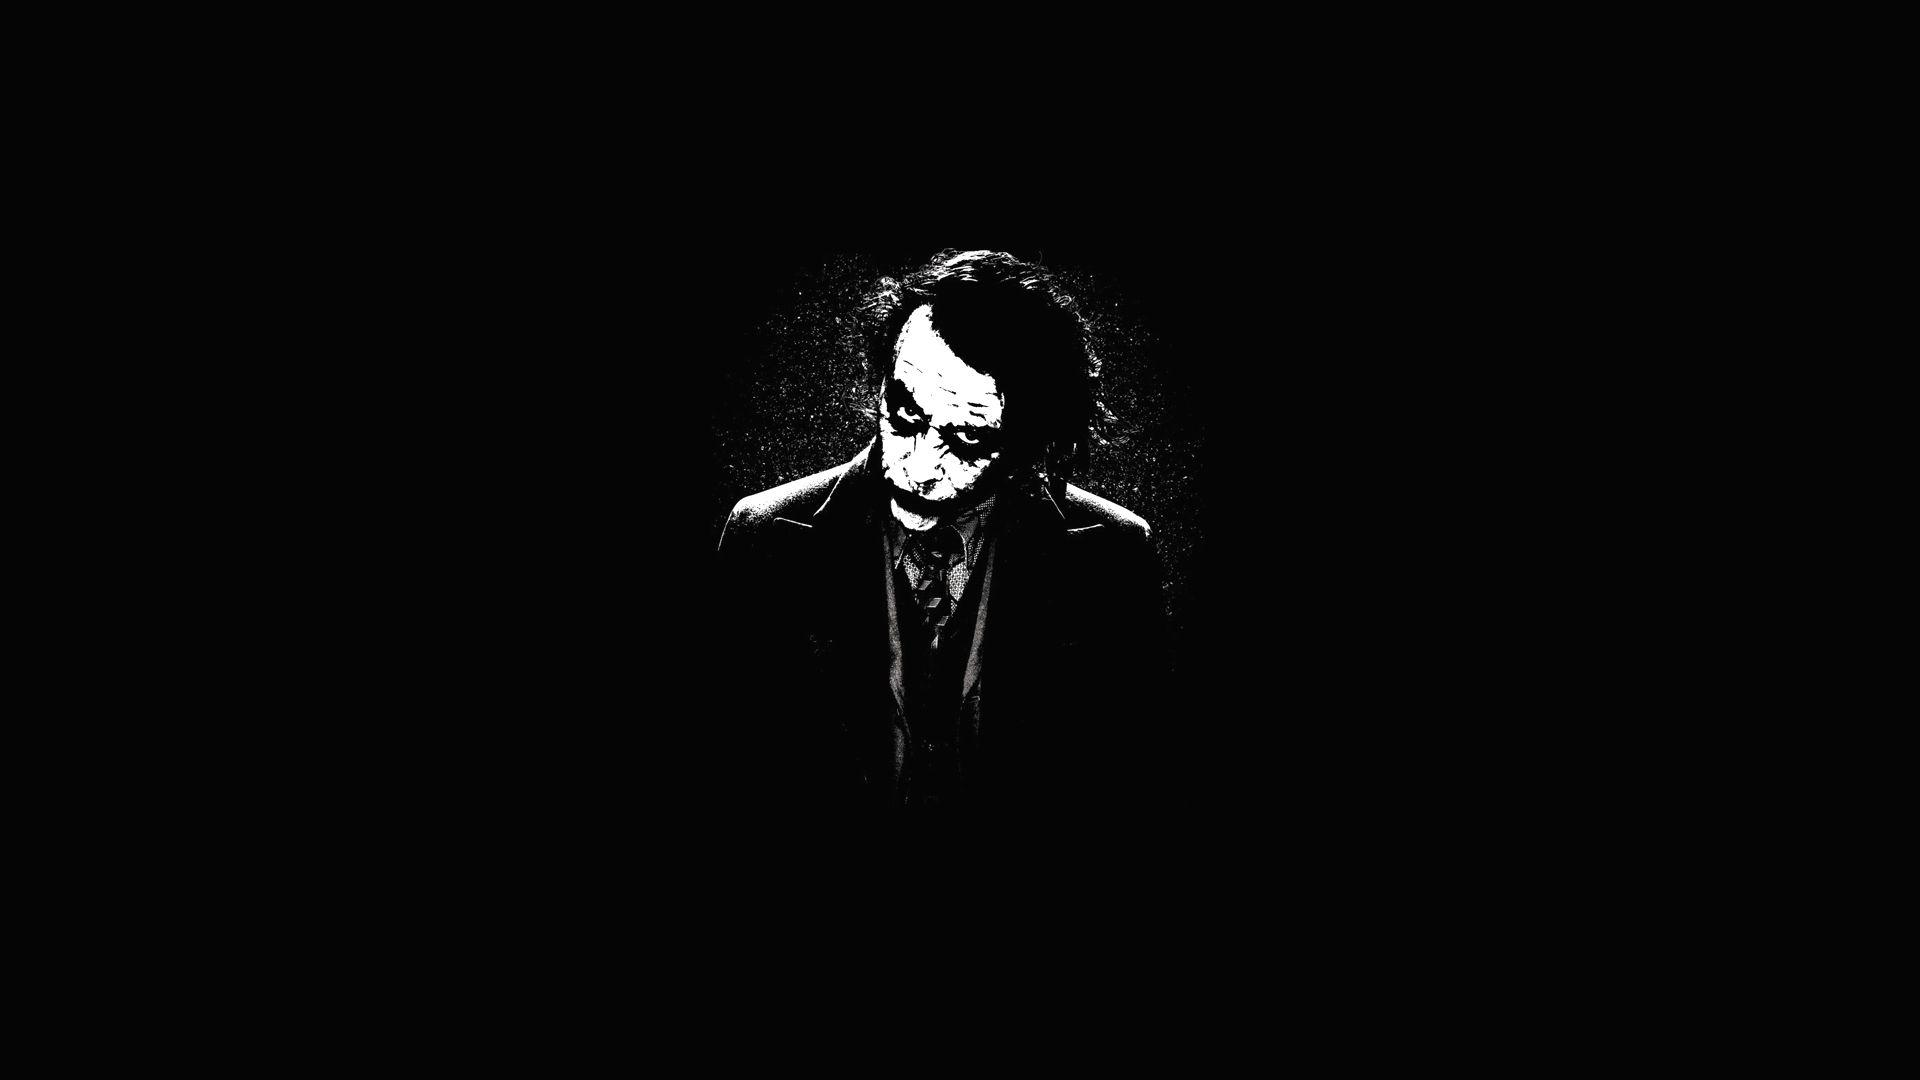 Anime Batman The Dark Knight Joker Dark Wallpaper No 721 Dark Knight Wallpaper Black Hd Wallpaper Batman Wallpaper